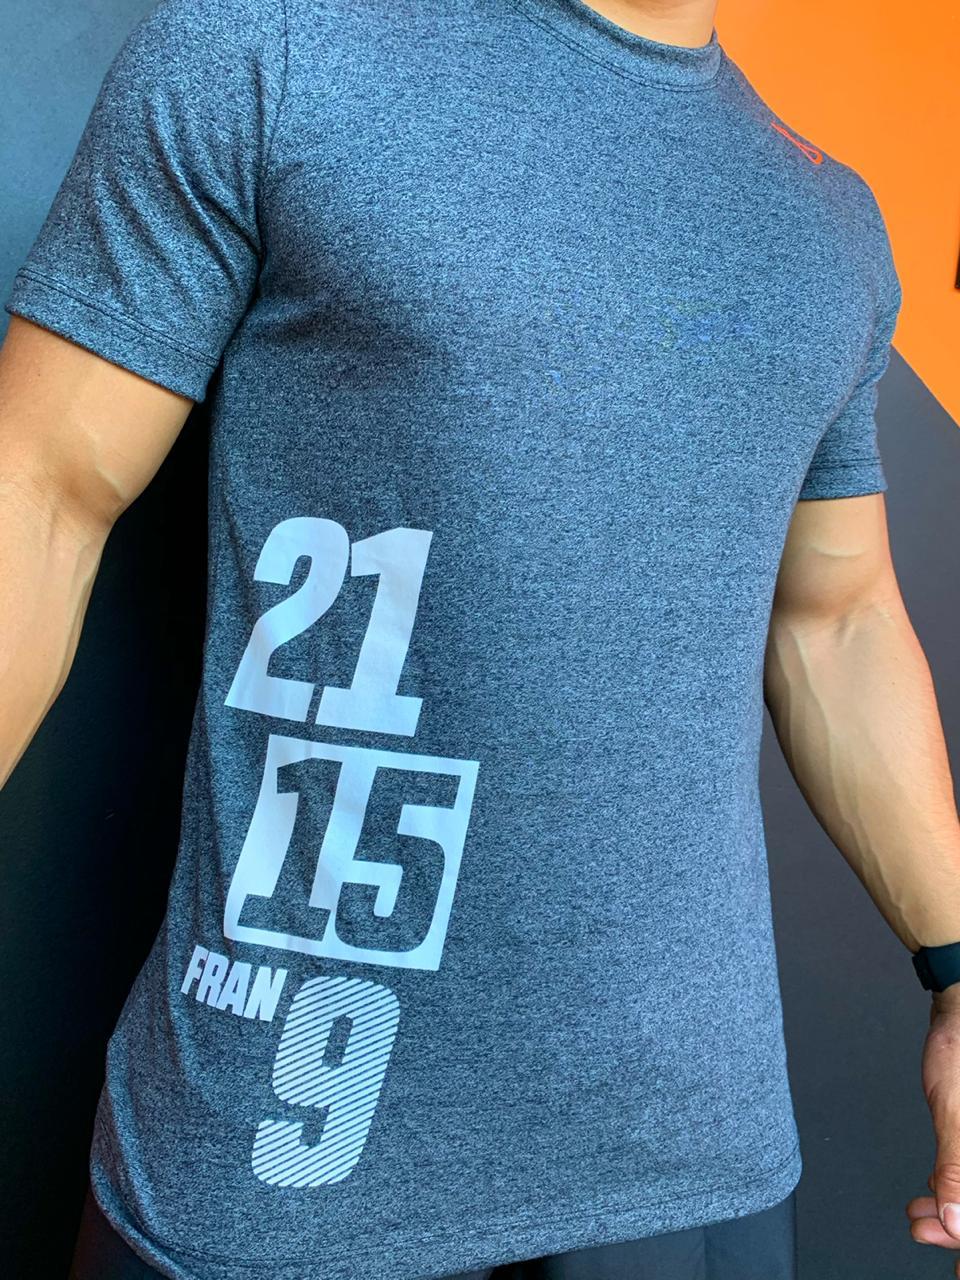 Camiseta Fran 21 15 9 Mescla Escuro